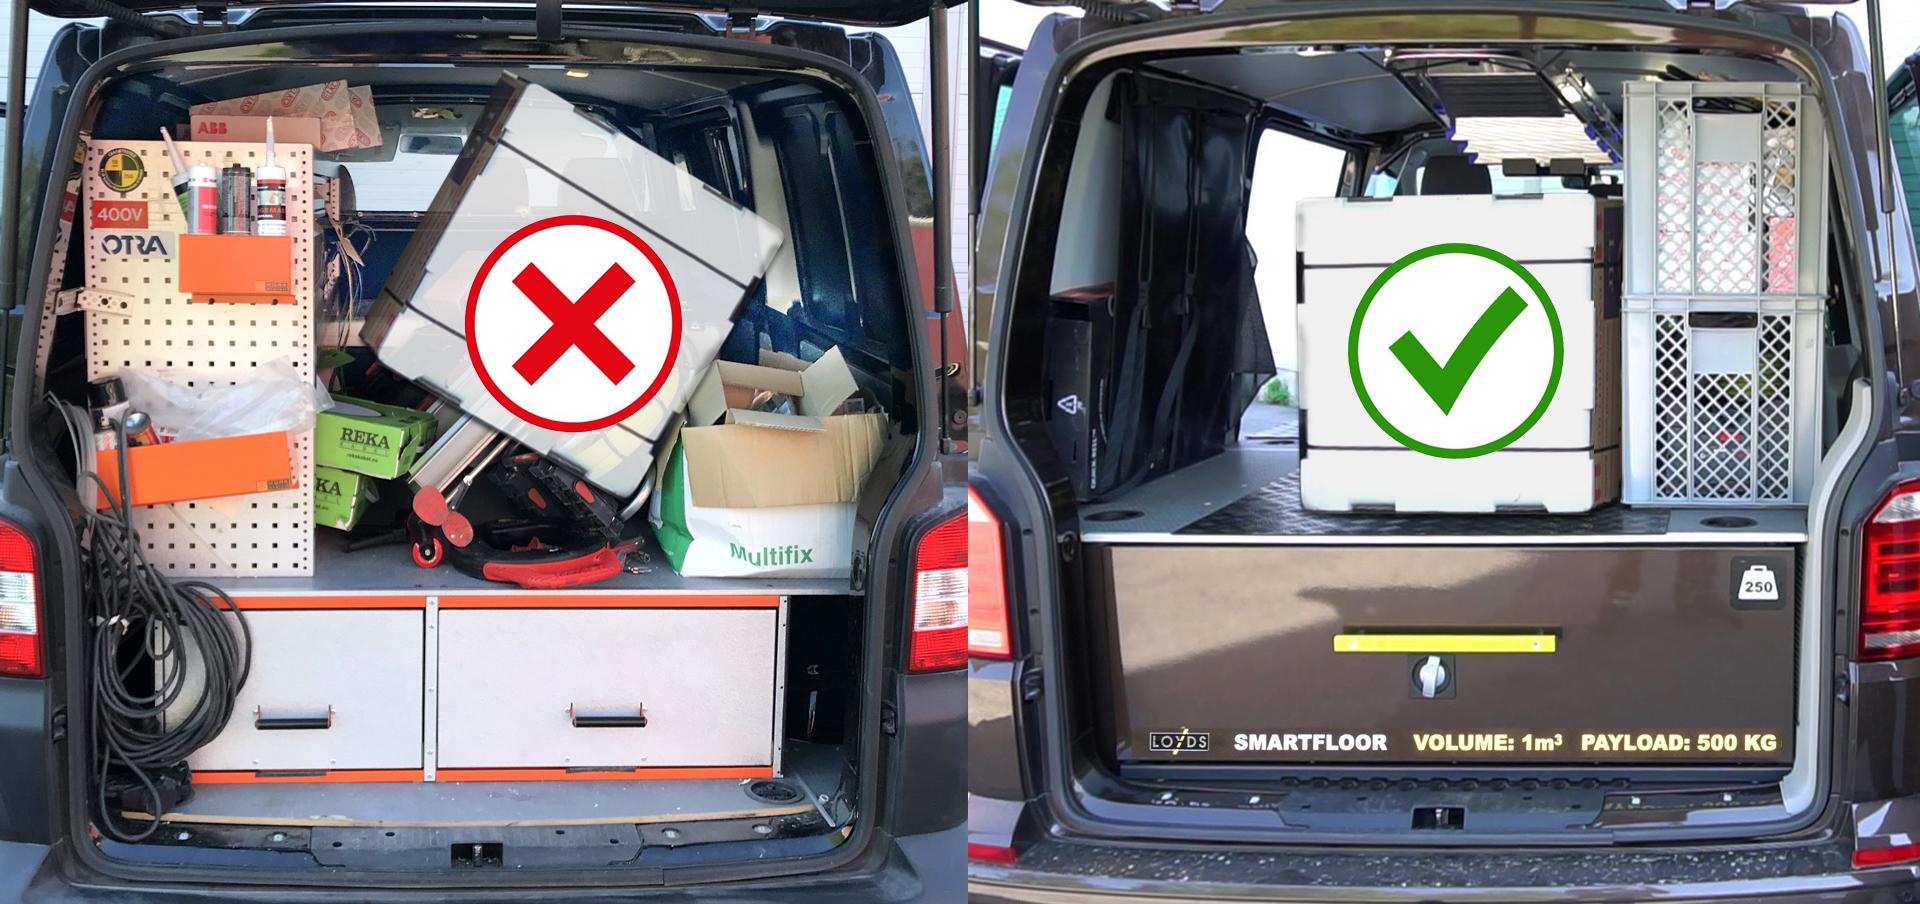 Laste små og store gjenstander - Slik får du plass til alt i varebilen